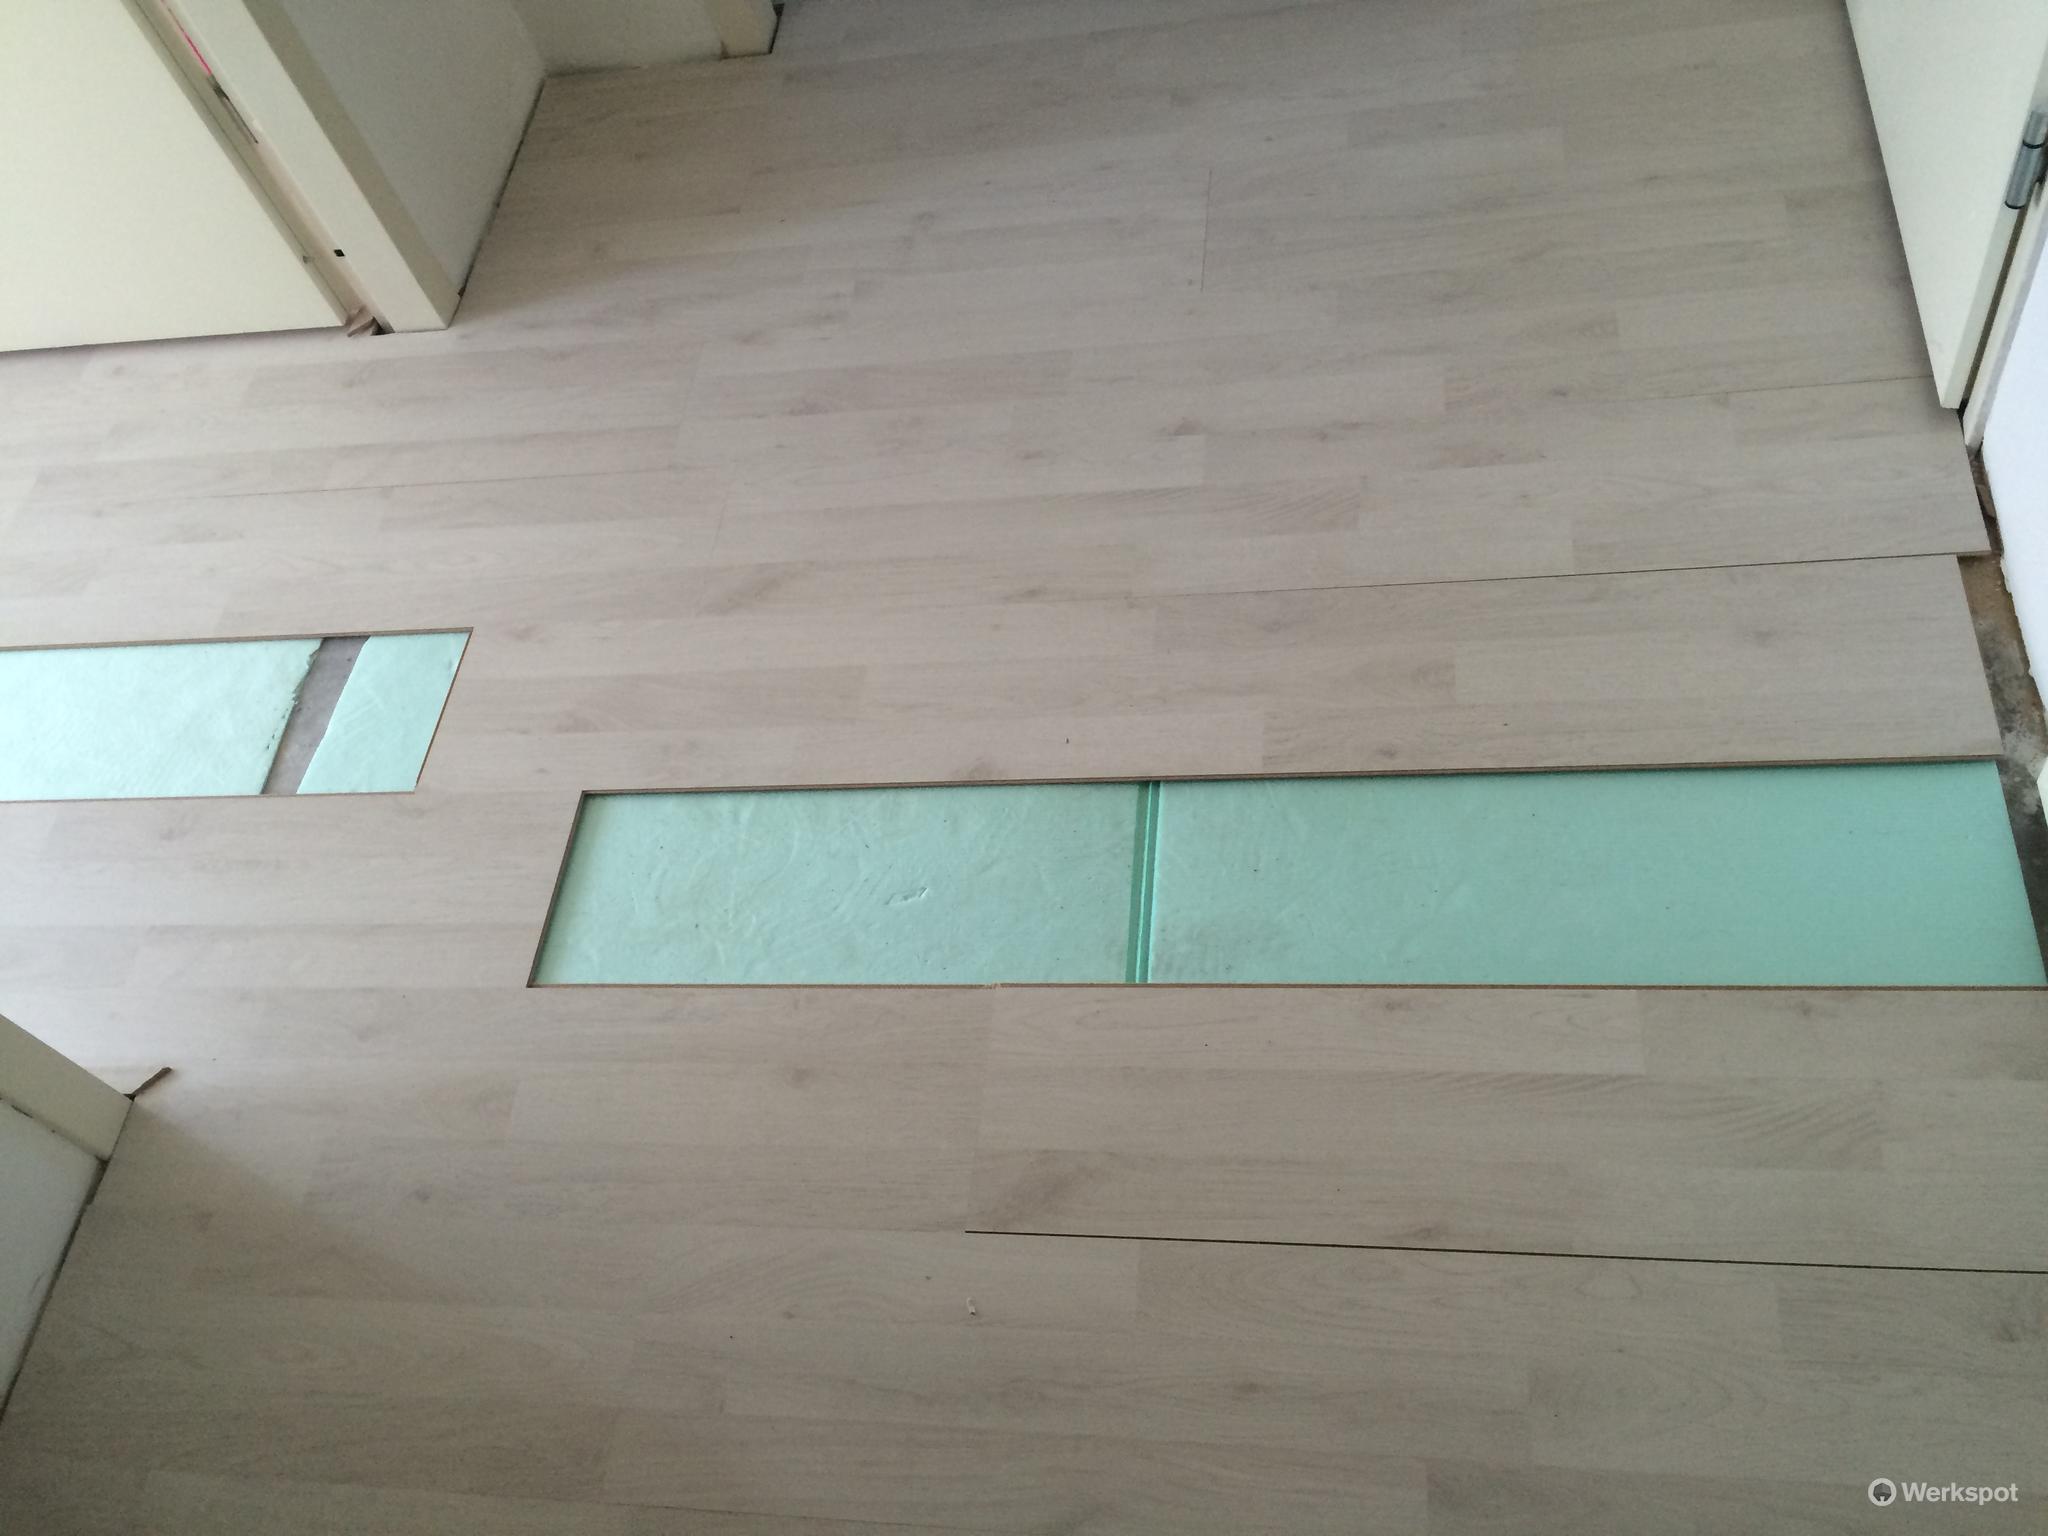 Laminaat Leggen Ondervloer : Laminaat ondervloer leggen in rijswijk werkspot